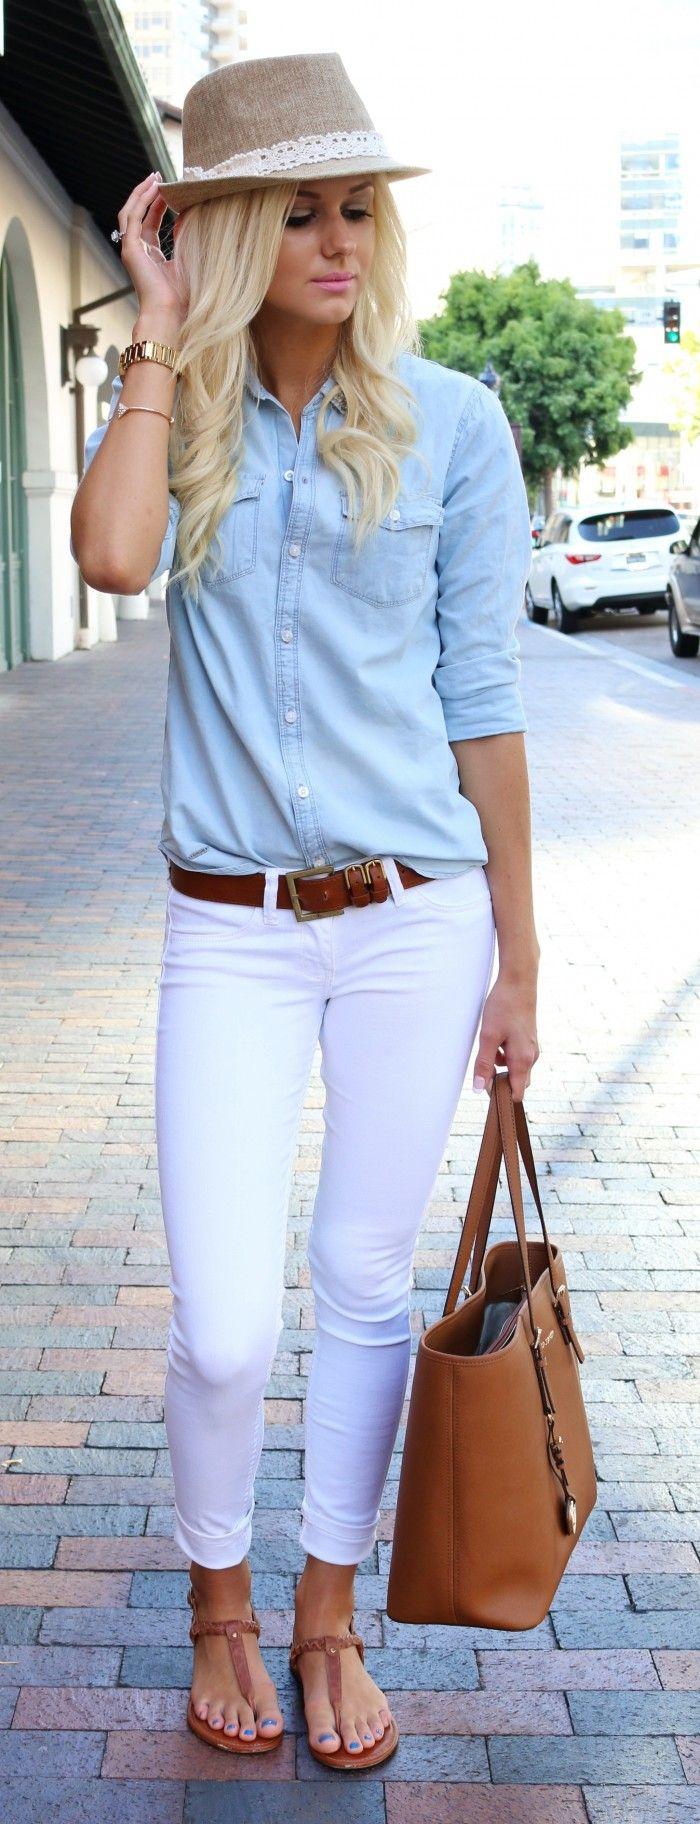 /AmazingOutfits.page Jeans blancos  Blusa mezclilla  Cinturón café  Sandalias cafés